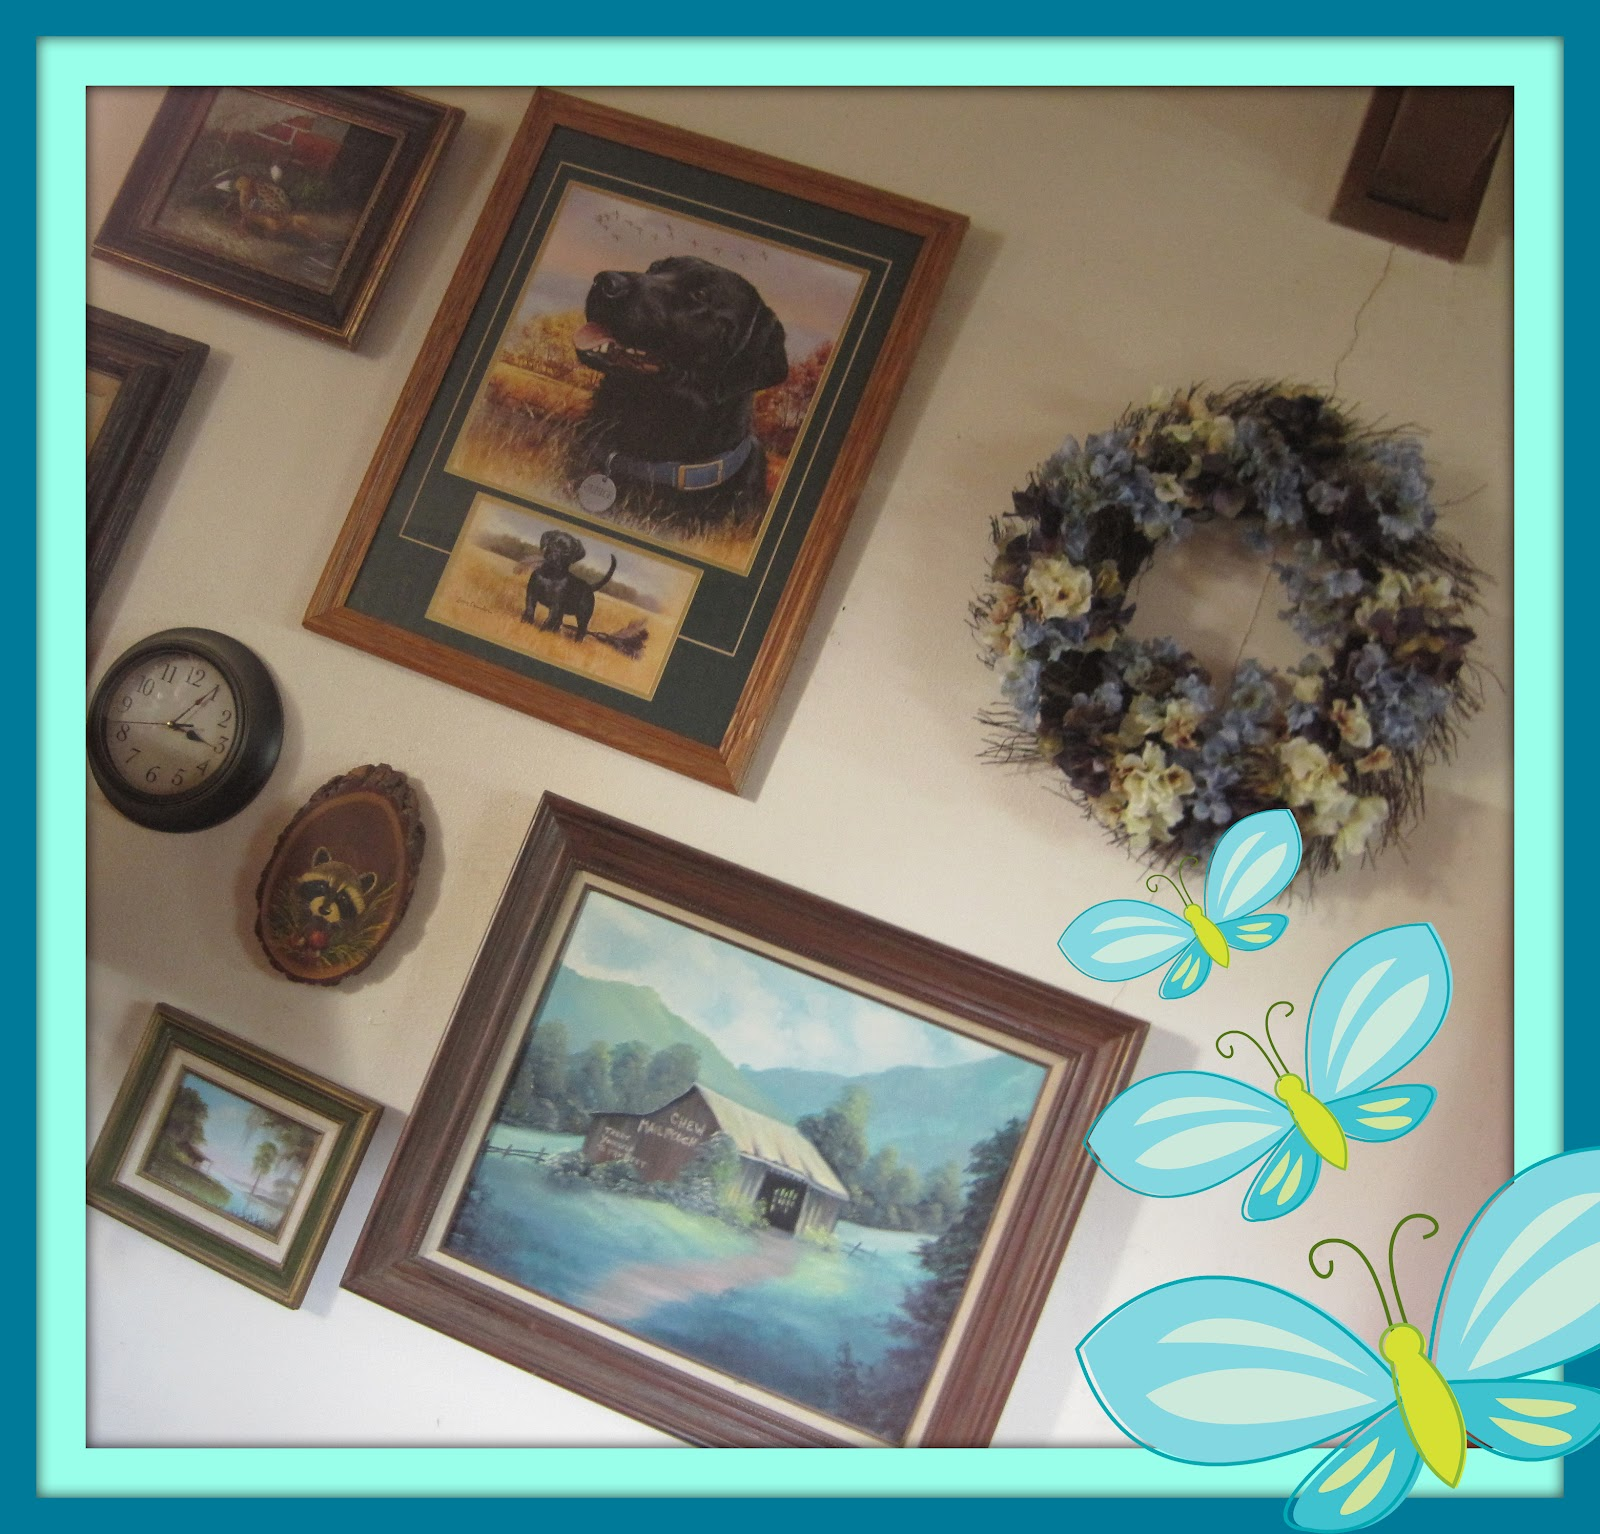 http://2.bp.blogspot.com/-xP1h8NSiju4/T0wrOXlMH5I/AAAAAAAAFNk/JeuHzwxYNdg/s1600/IMG_0001-1.JPG